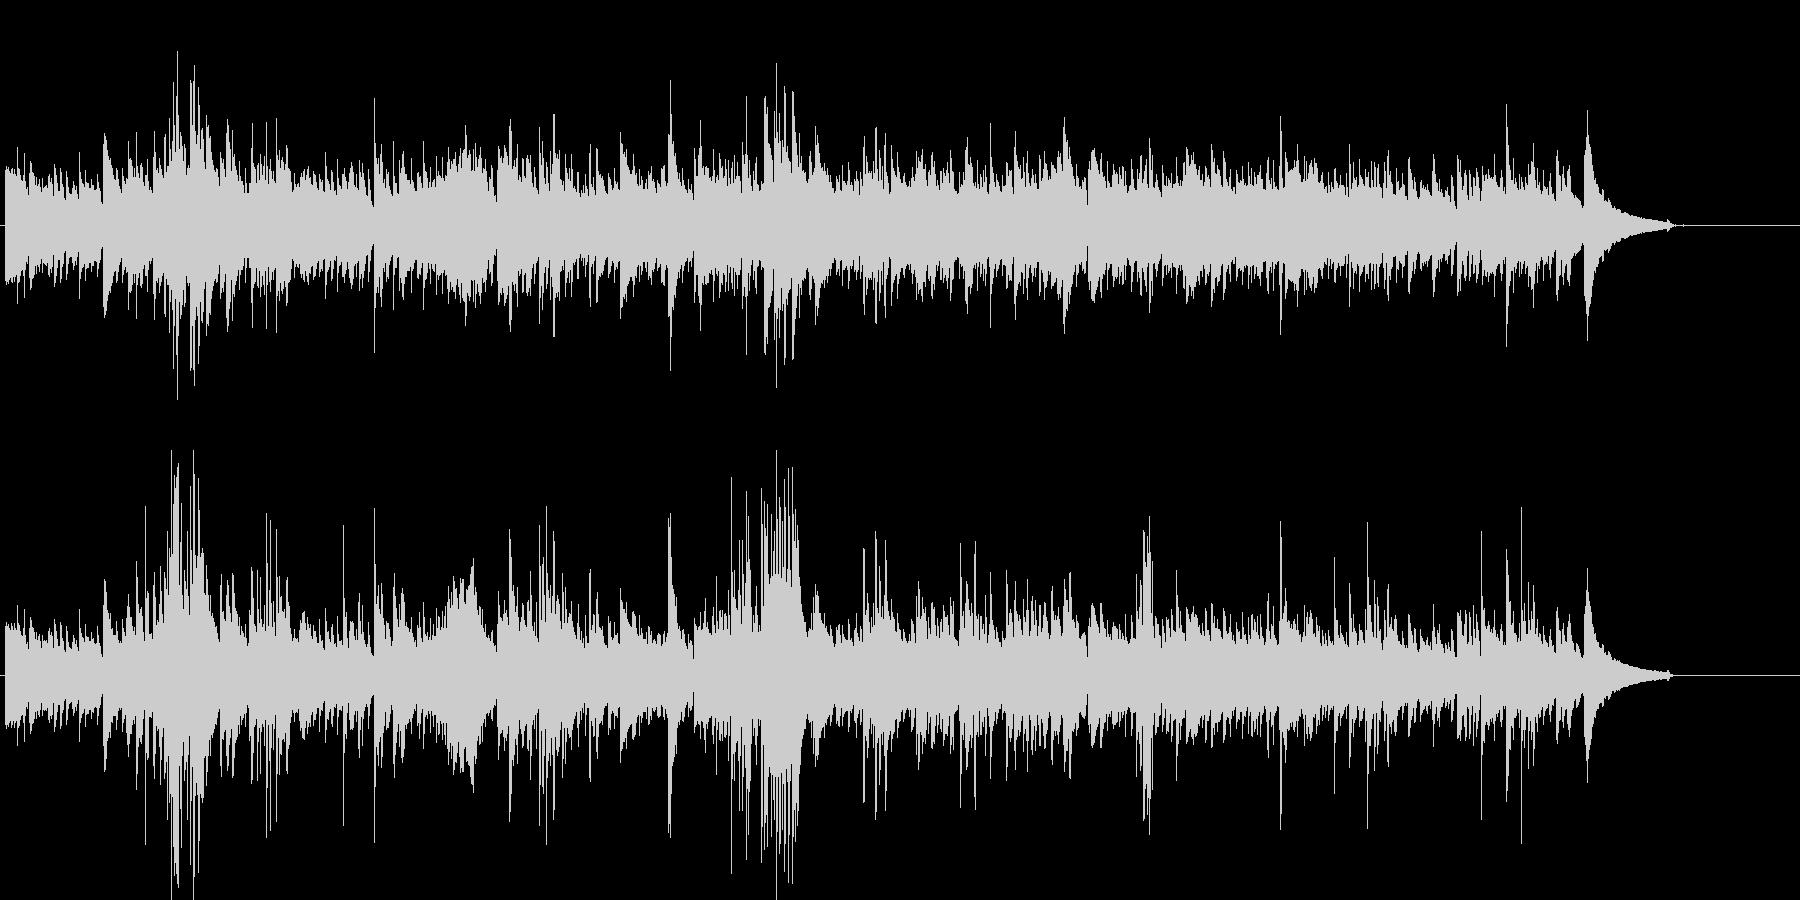 ピアノとギターのナチュラル系ヒーリングの未再生の波形